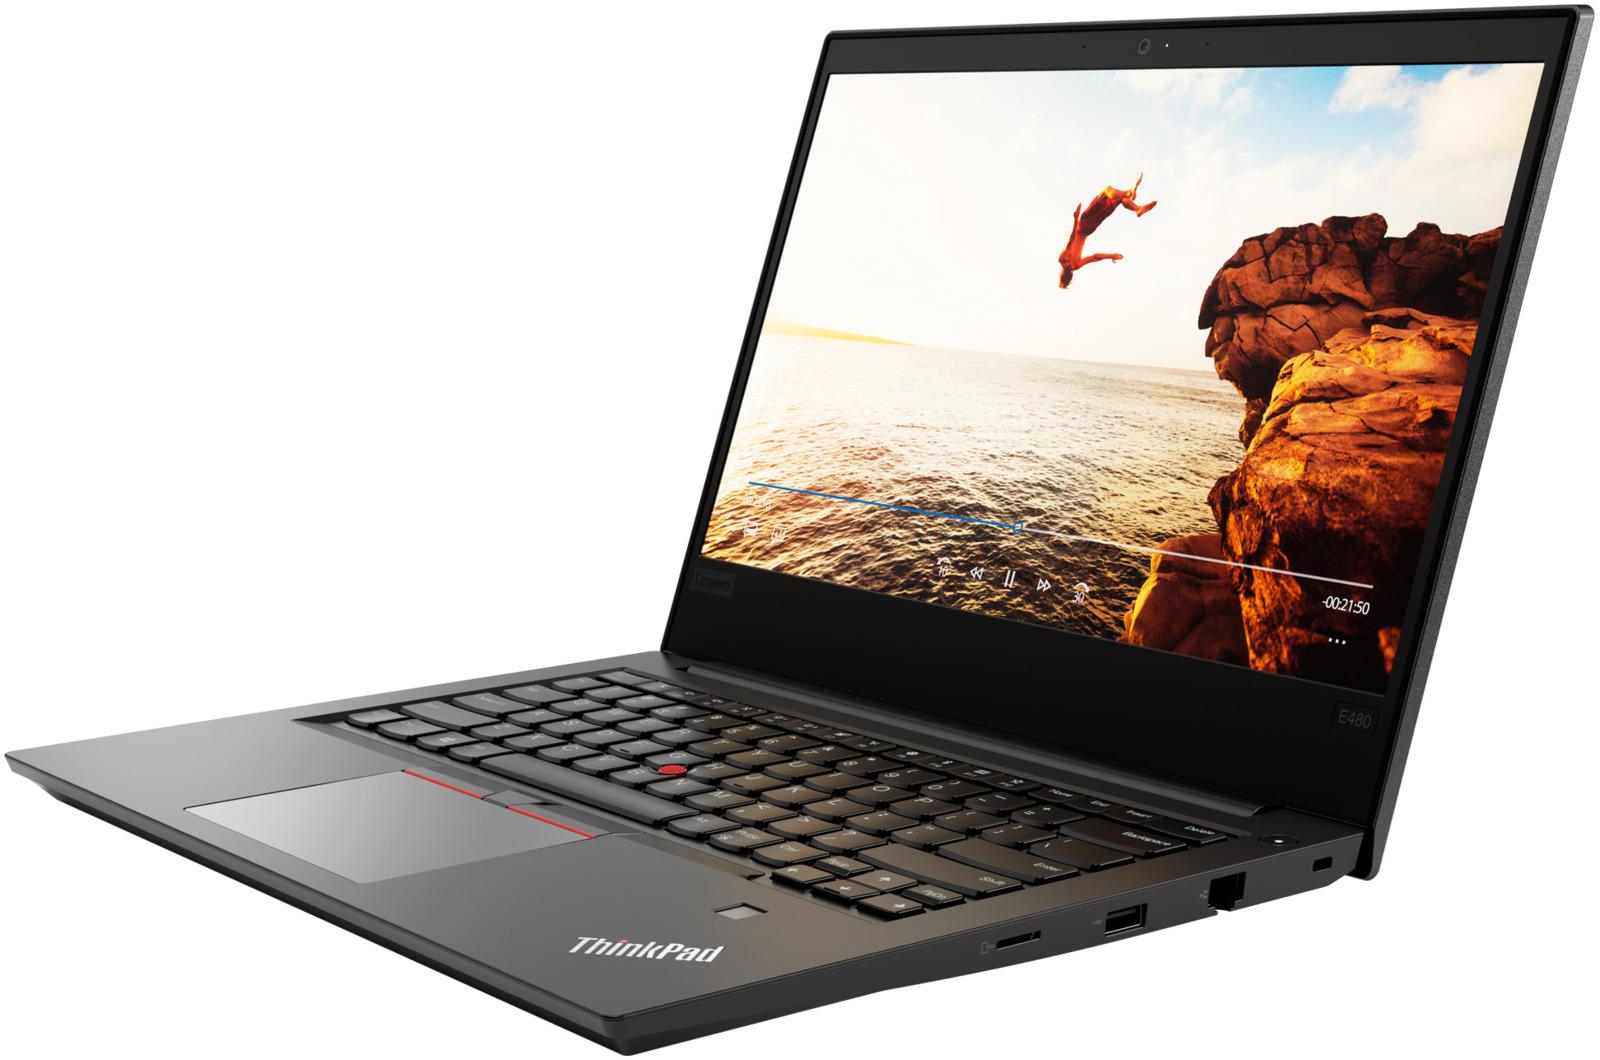 14 Ноутбук Lenovo ThinkPad E480 20KN0075RT, черный ноутбук lenovo thinkpad e480 20kn0075rt